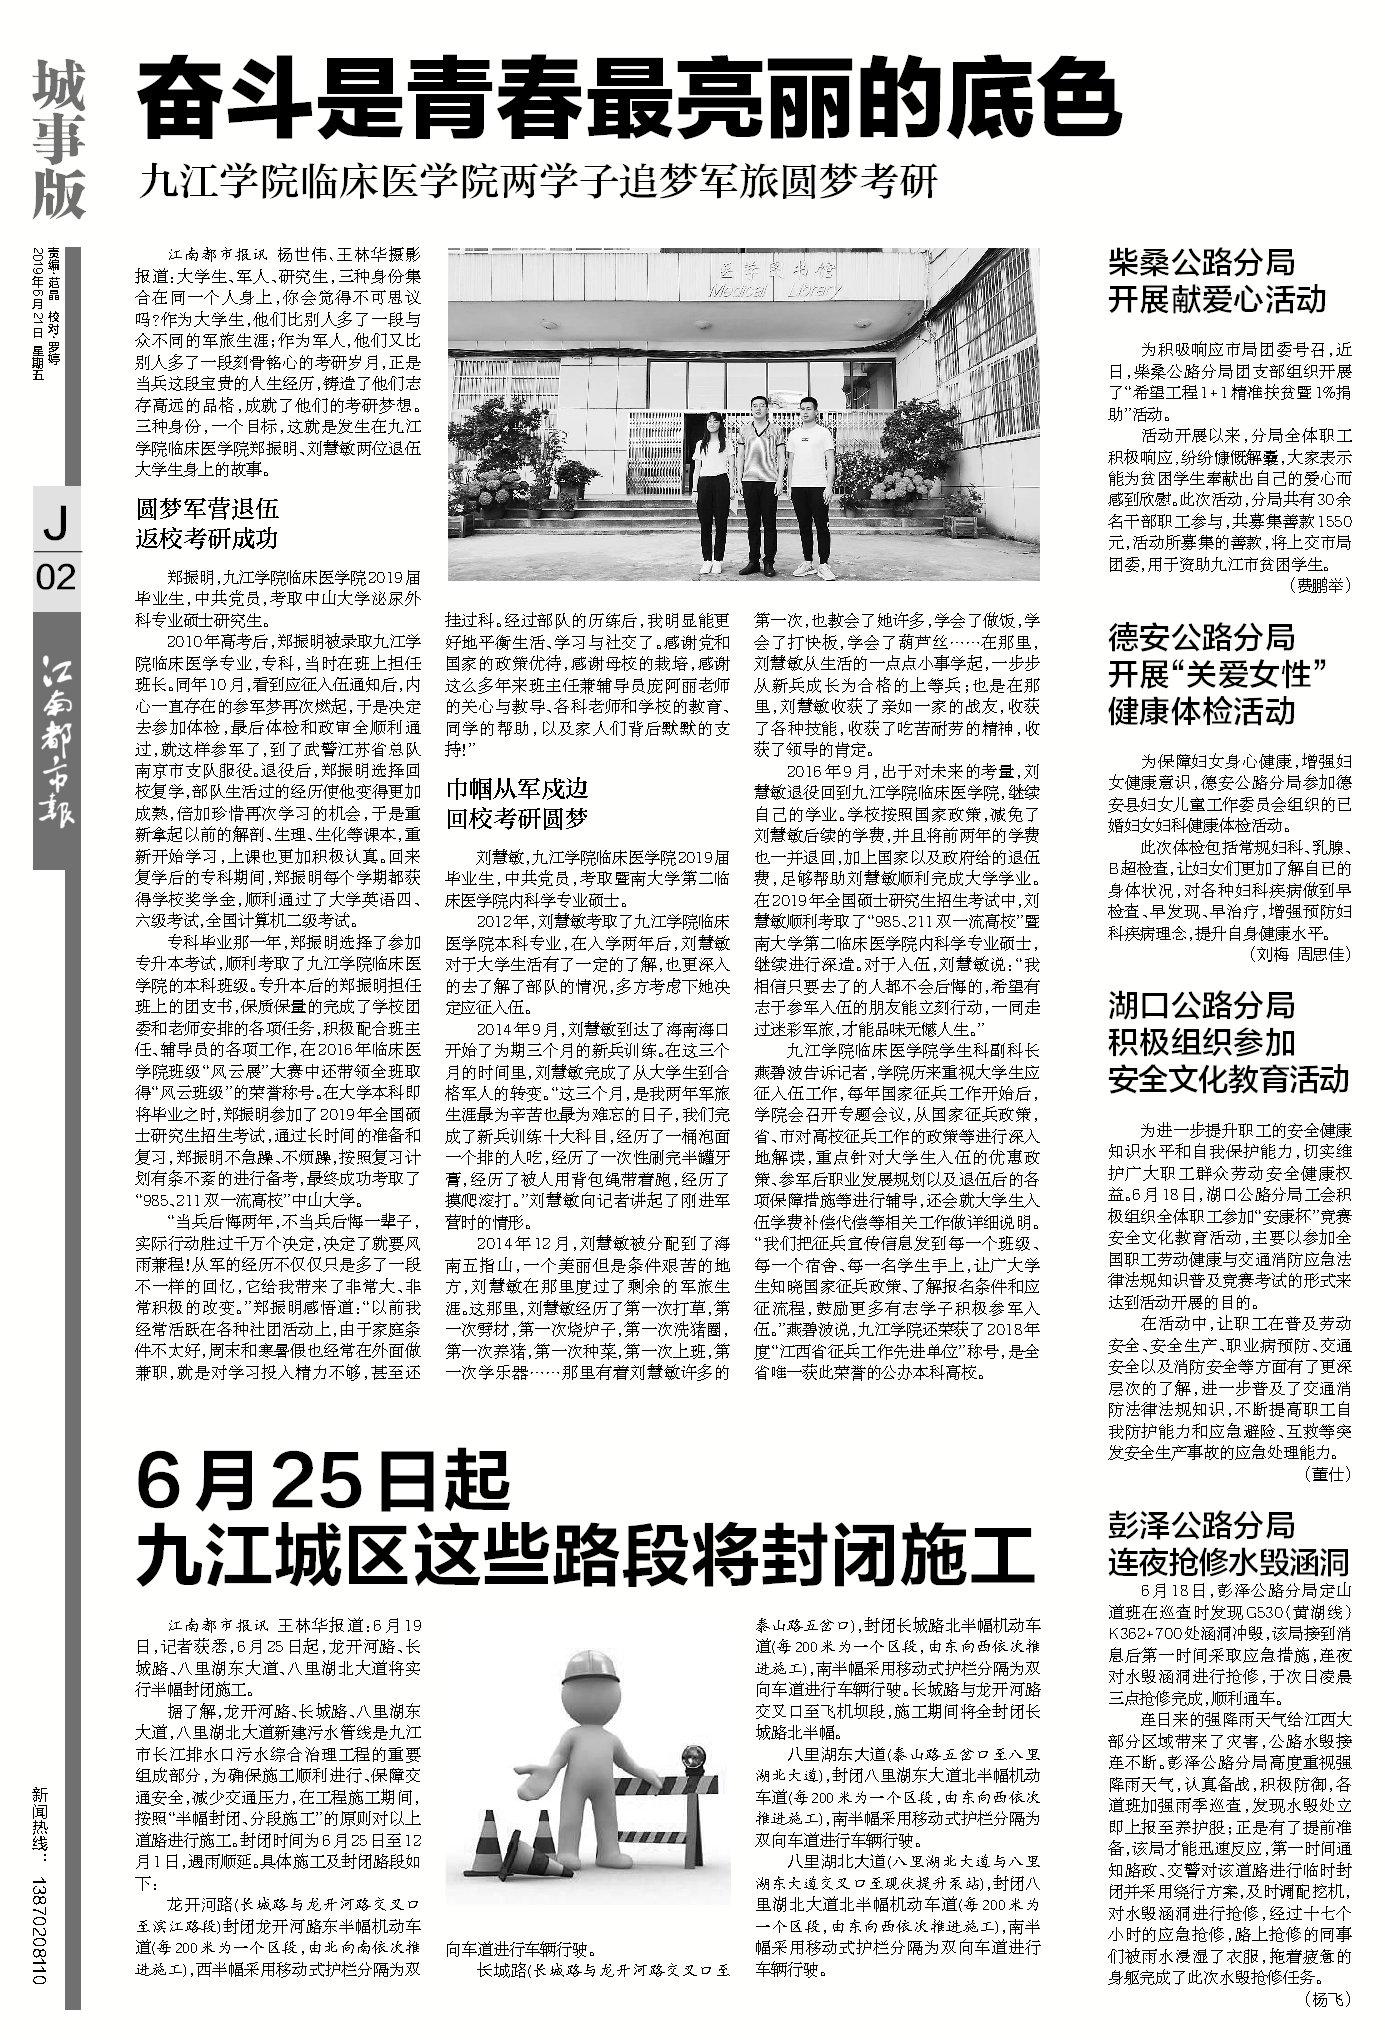 2019年6月21日江南都市报《亚博体育app苹果新闻》城事版